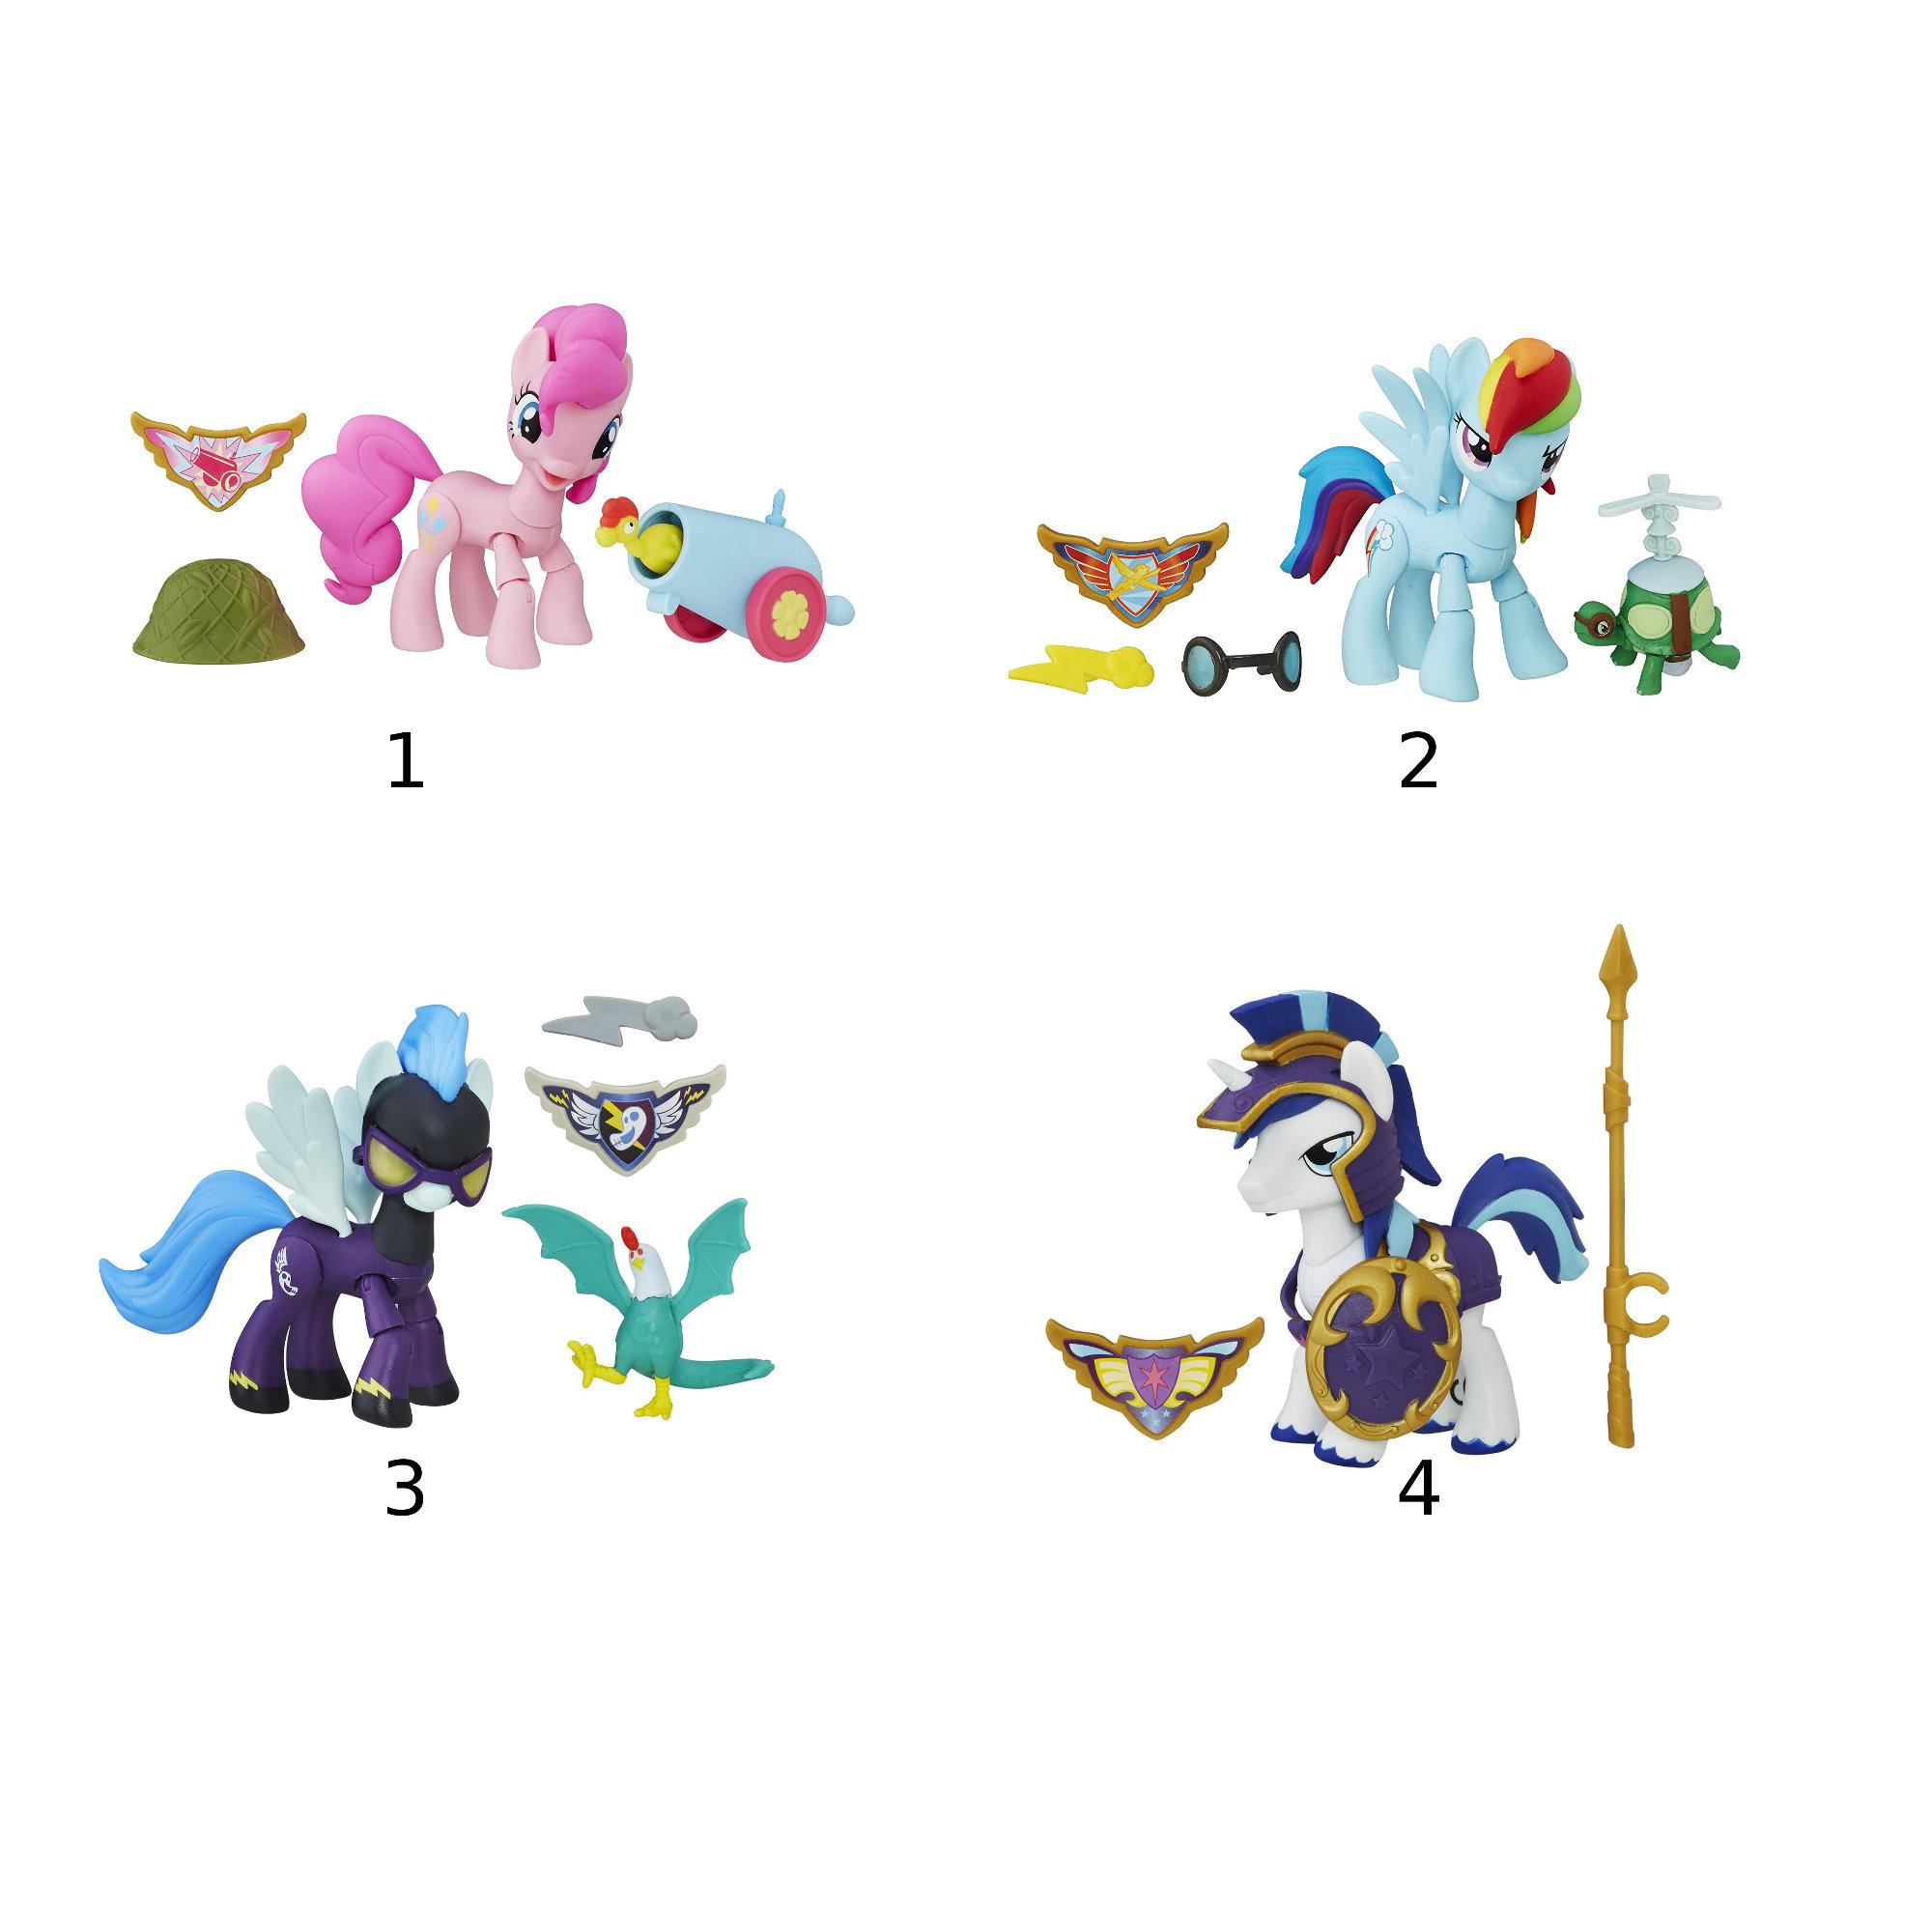 Фигурка My Little Pony - Хранители Гармонии с артикуляциейМоя маленькая пони (My Little Pony)<br>Фигурка My Little Pony - Хранители Гармонии с артикуляцией<br>